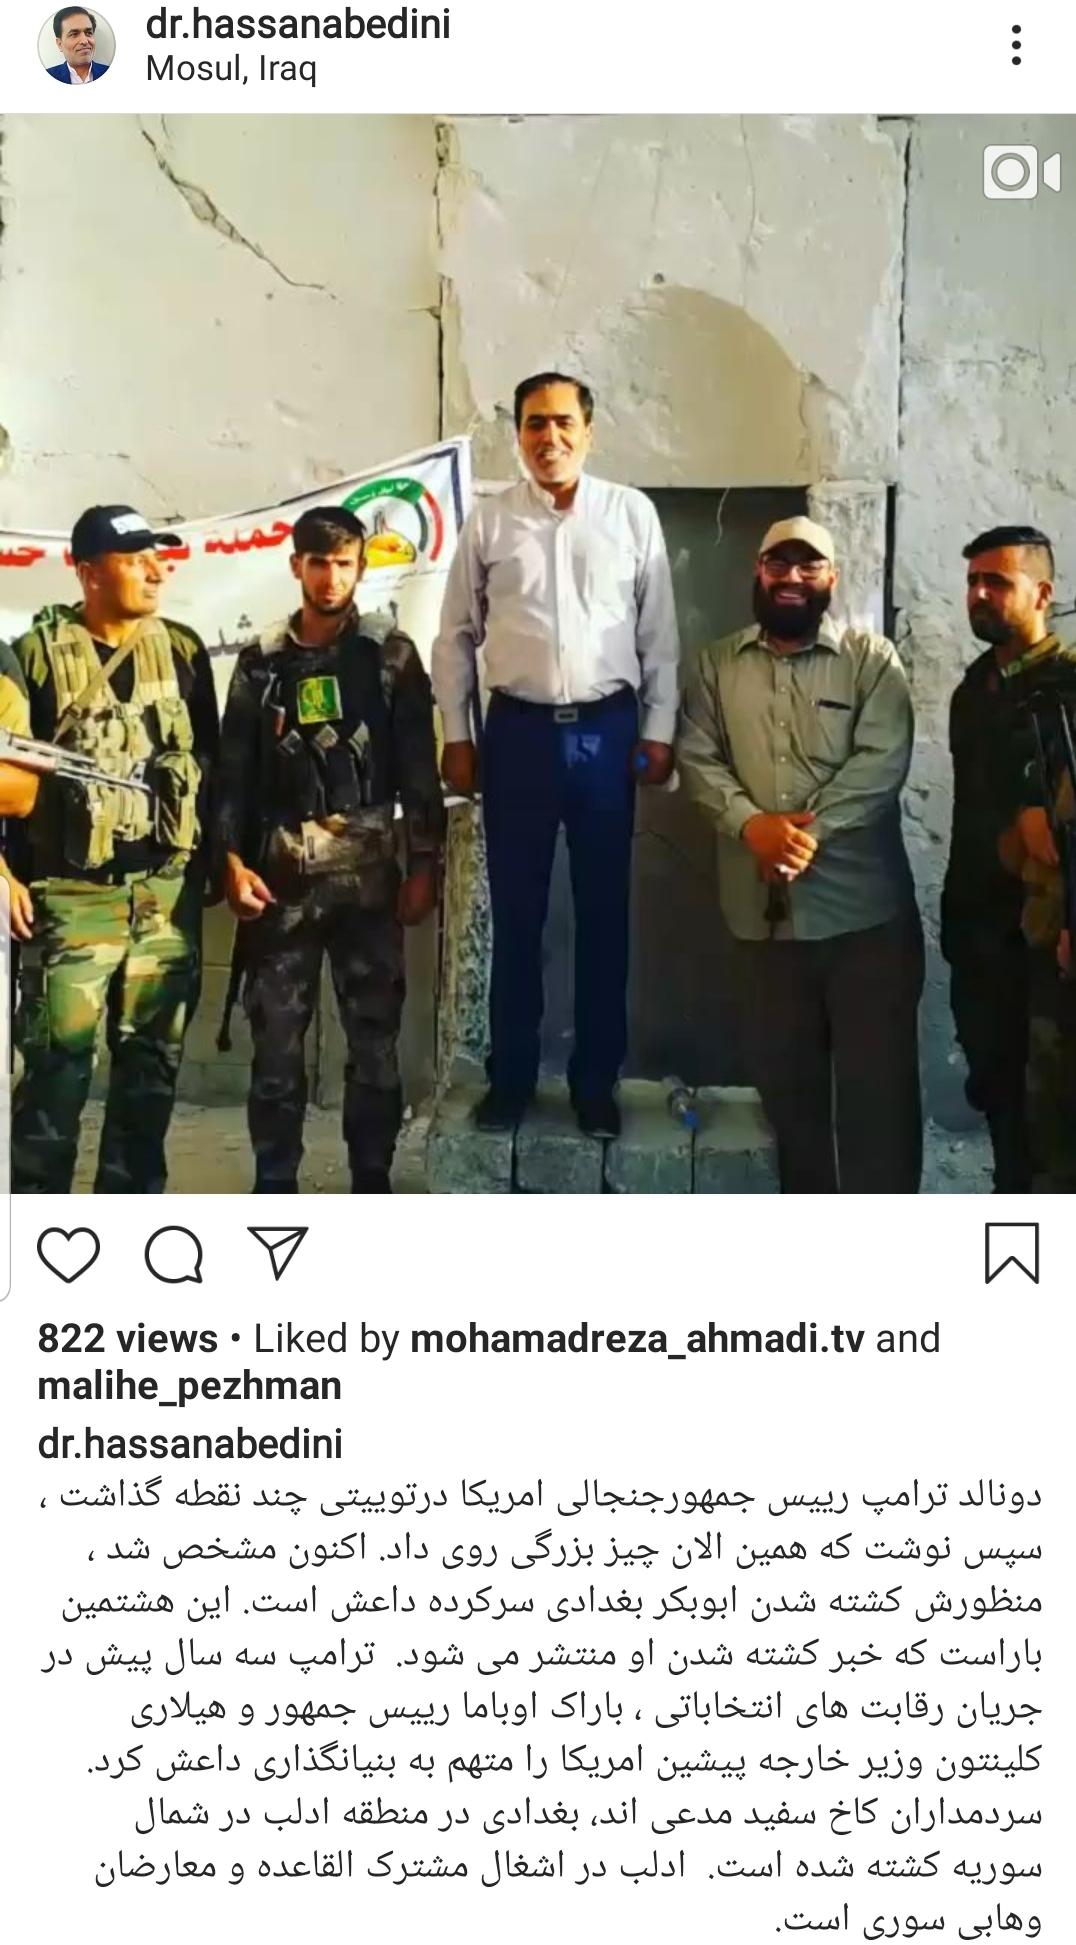 خبر کشته شدن ابوبکر بغدادی ممکن است جنبه انتخاباتی داشته باشد